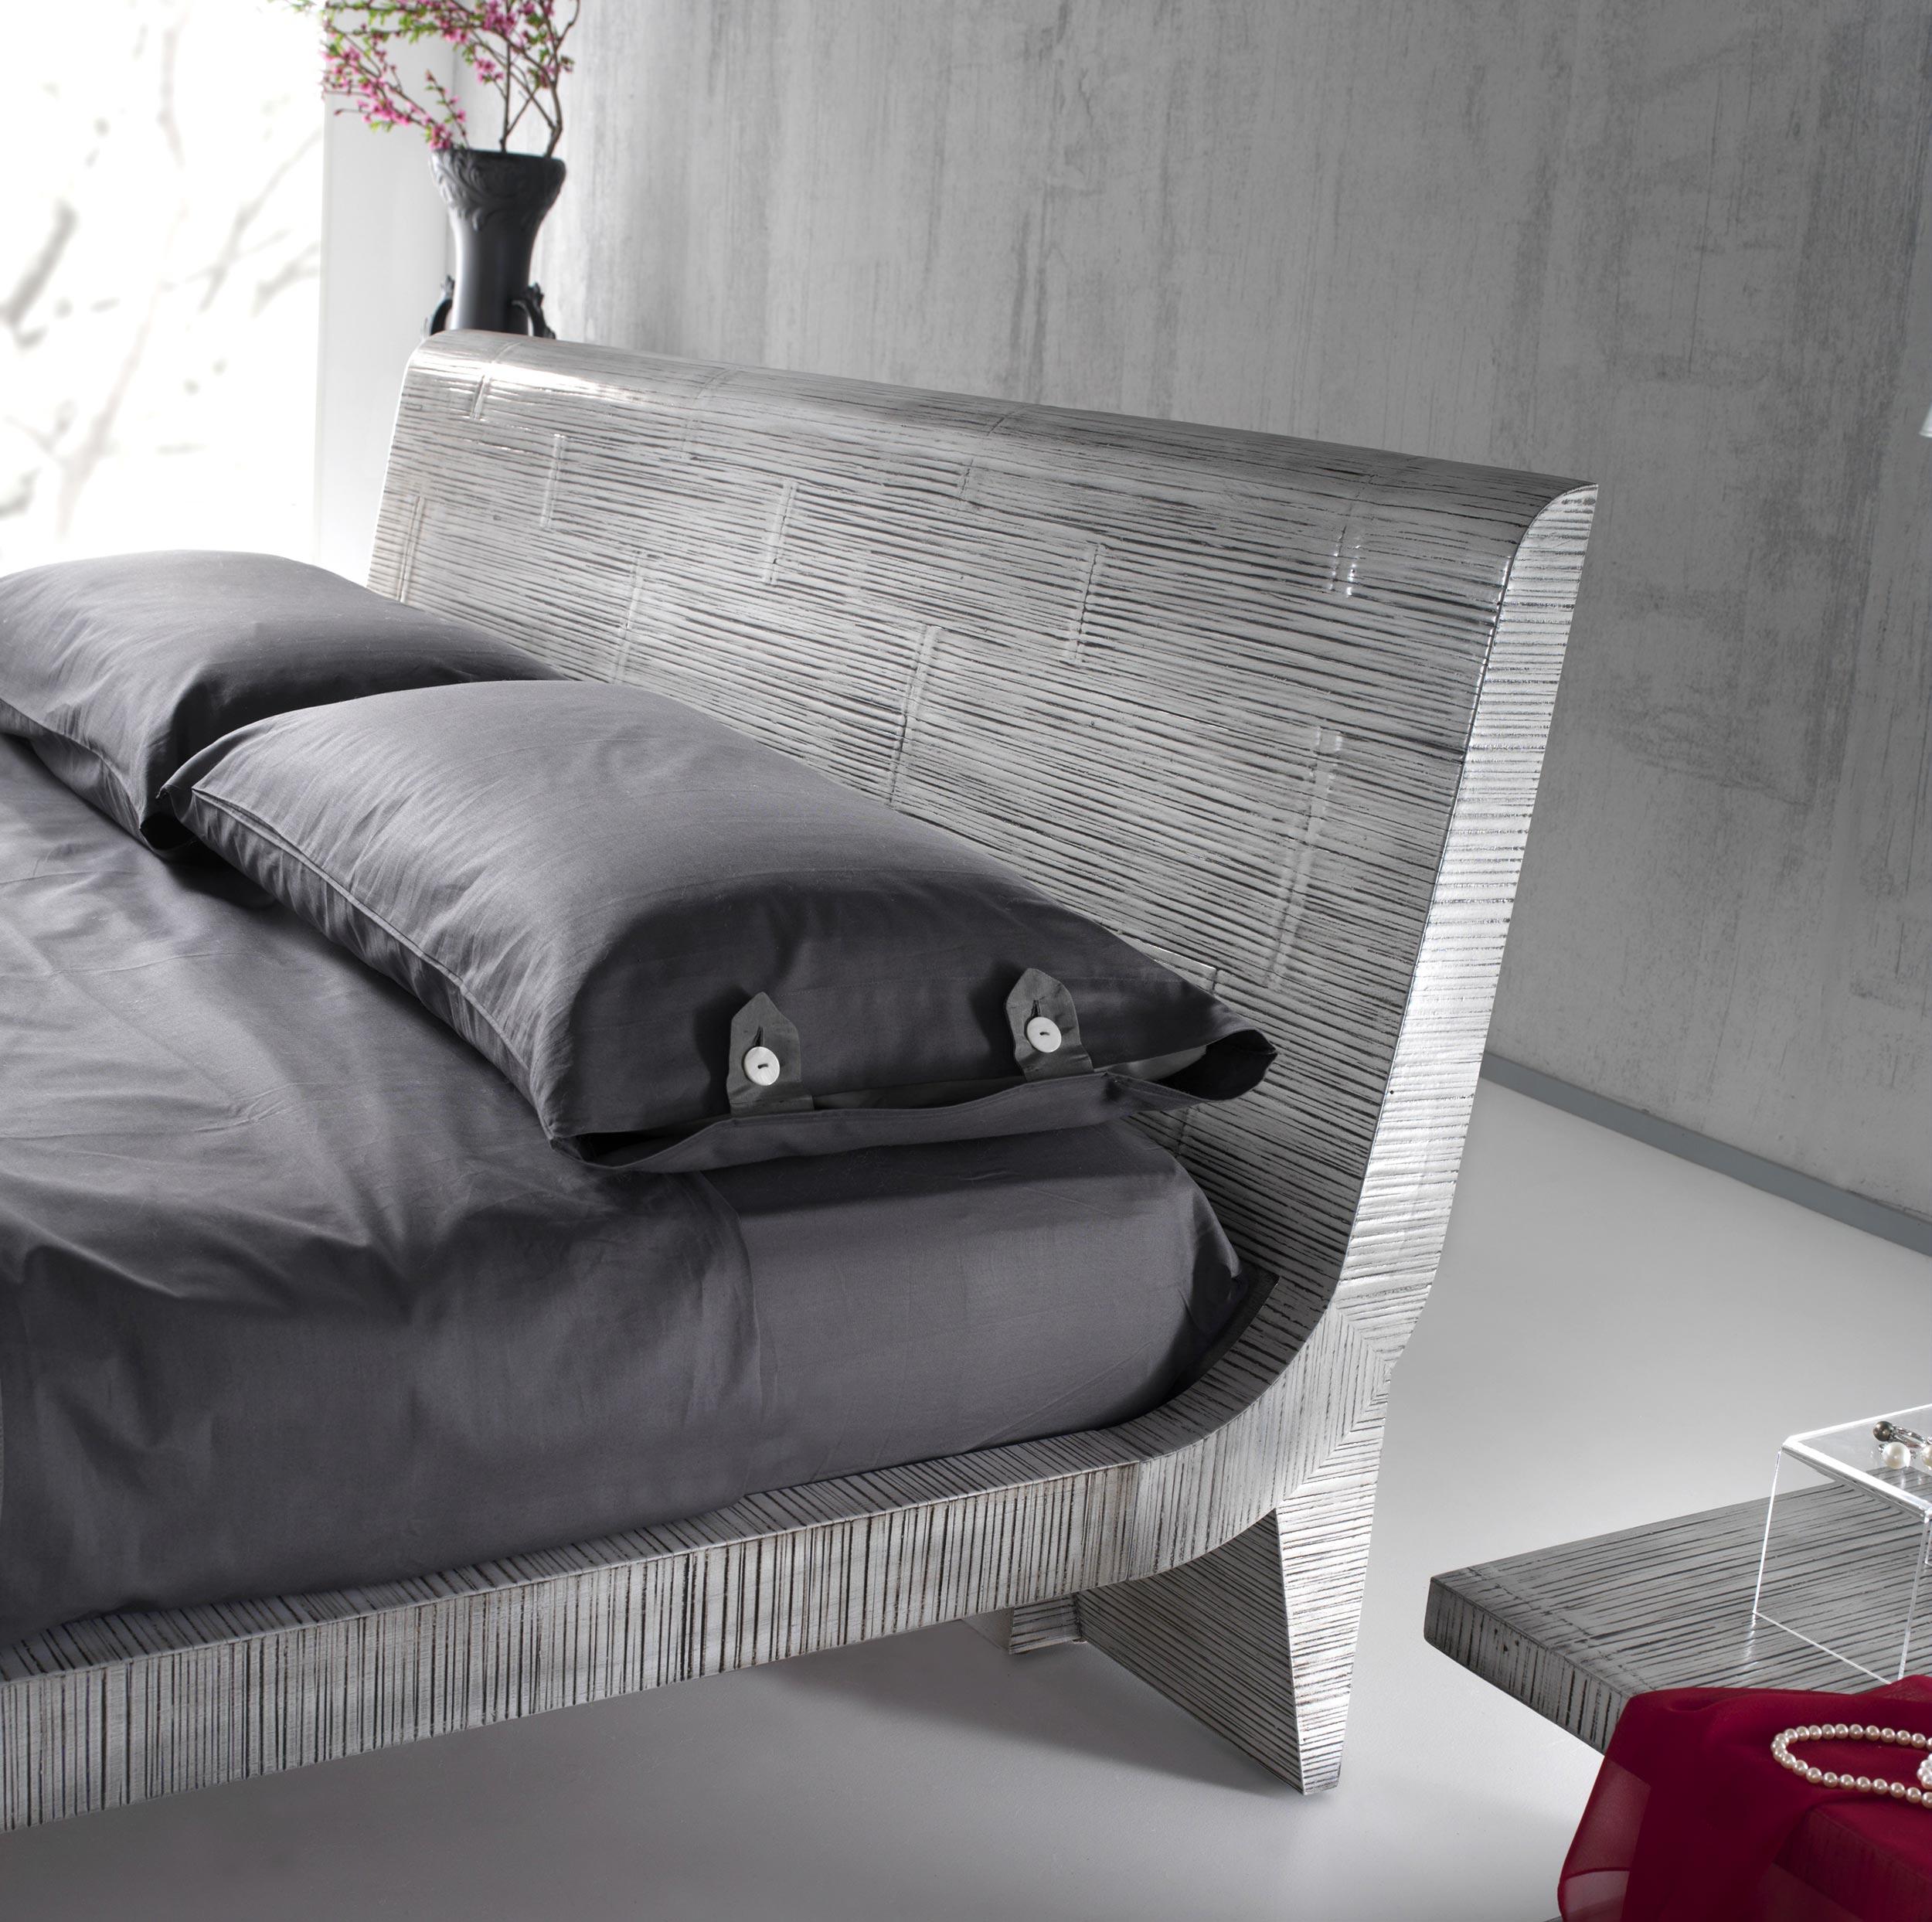 lit double contemporain en forme vague indah. Black Bedroom Furniture Sets. Home Design Ideas